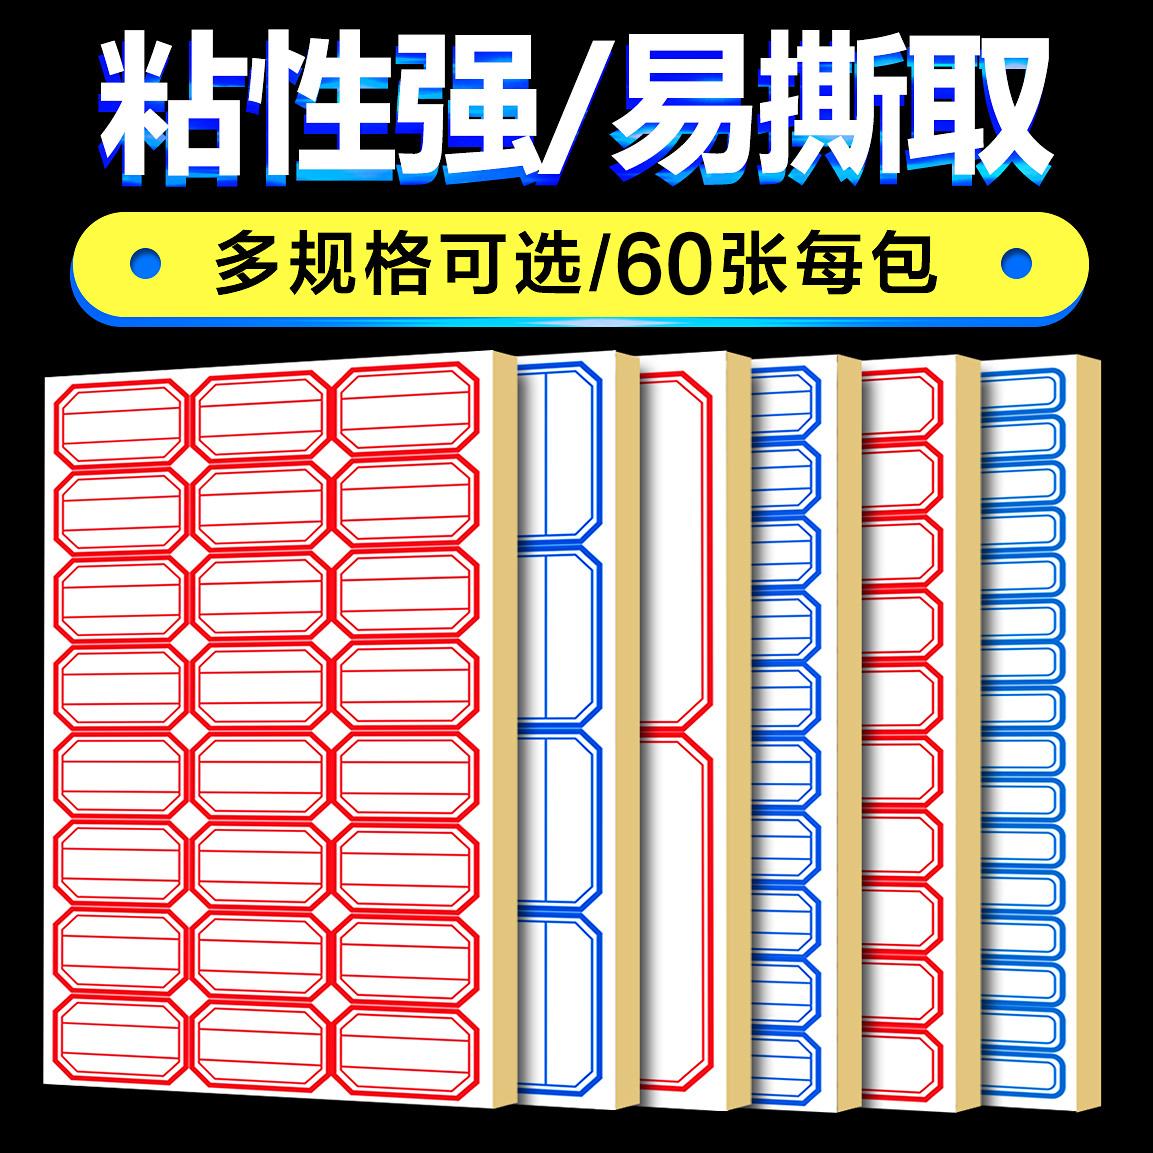 Положительный цвет выход клей этикетка бумага самоклеящийся секс масштаб знак наклейки знак товар цена паста цена знак бумага почерк рот взять бумага